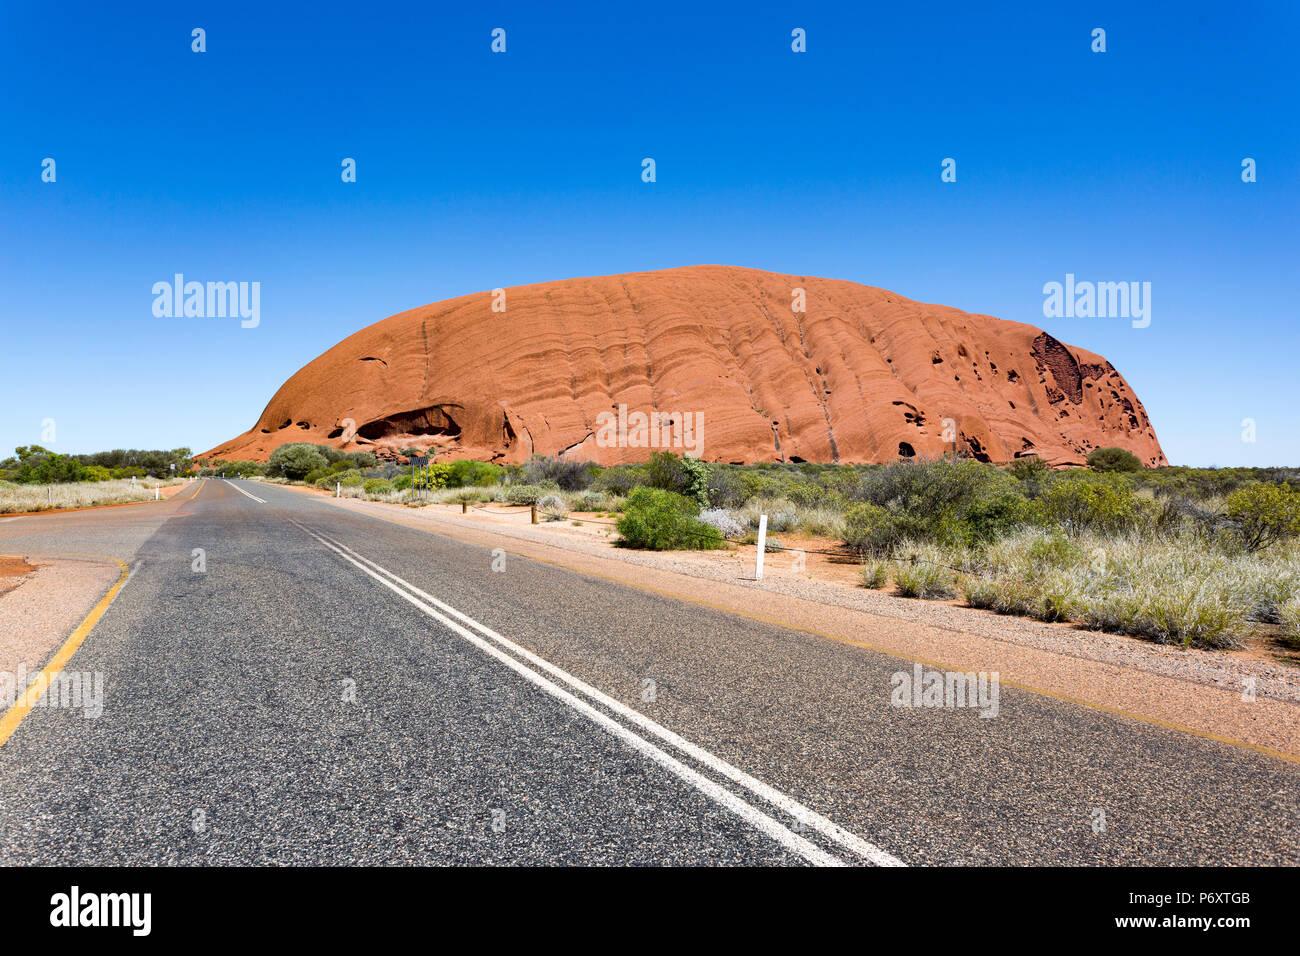 Strada di Uluru, Territorio del Nord, l'Australia. Foto Stock